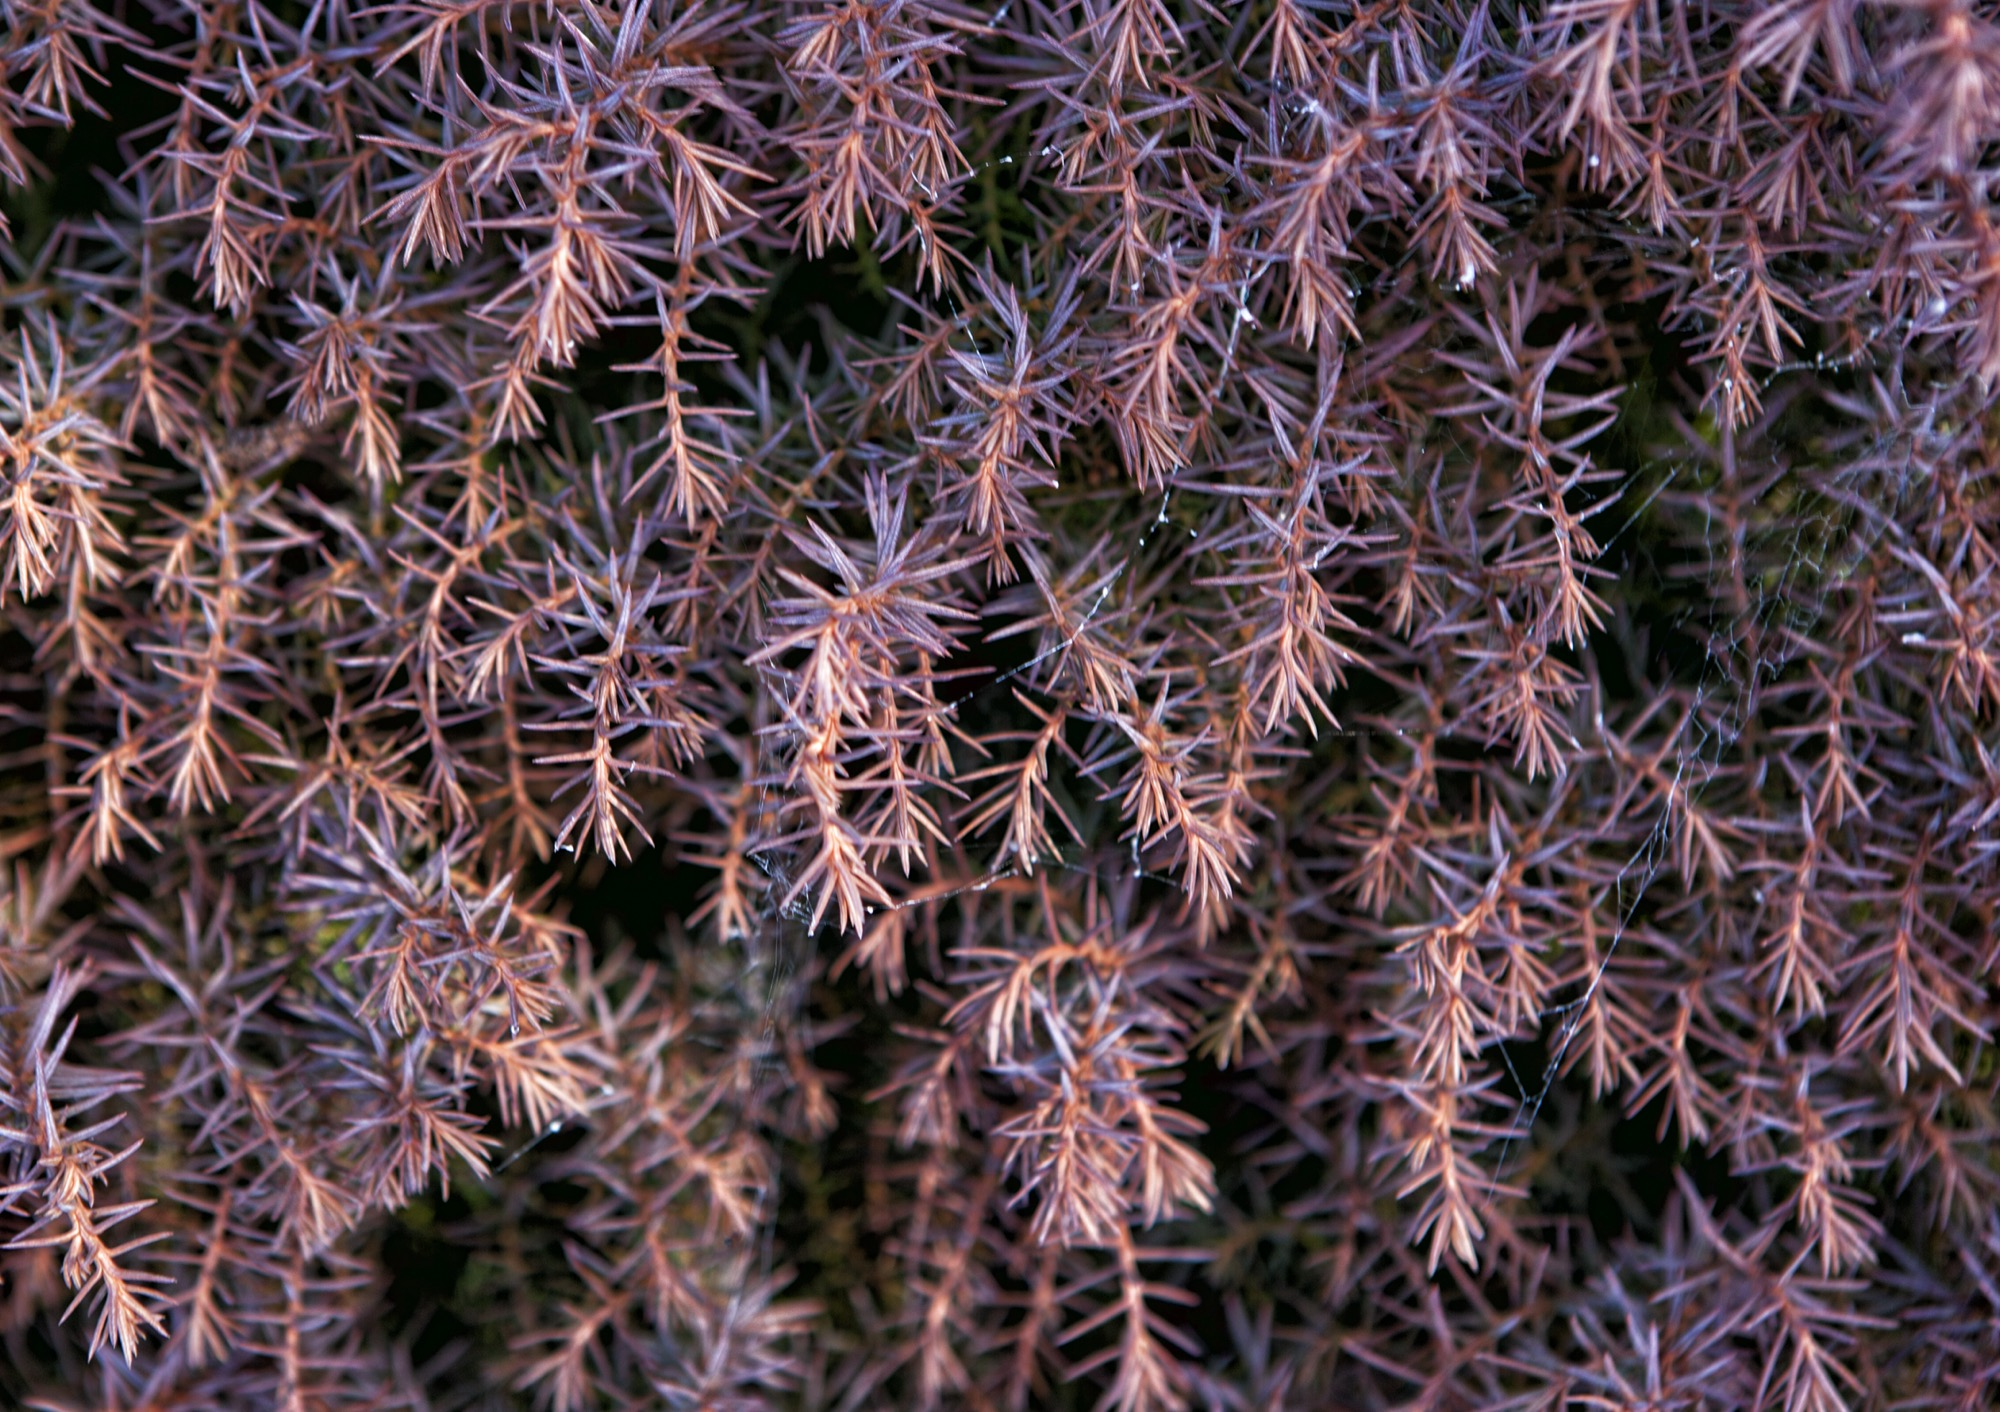 Cryptomeria japonica (Japanese Cedar) 'Mushroom'